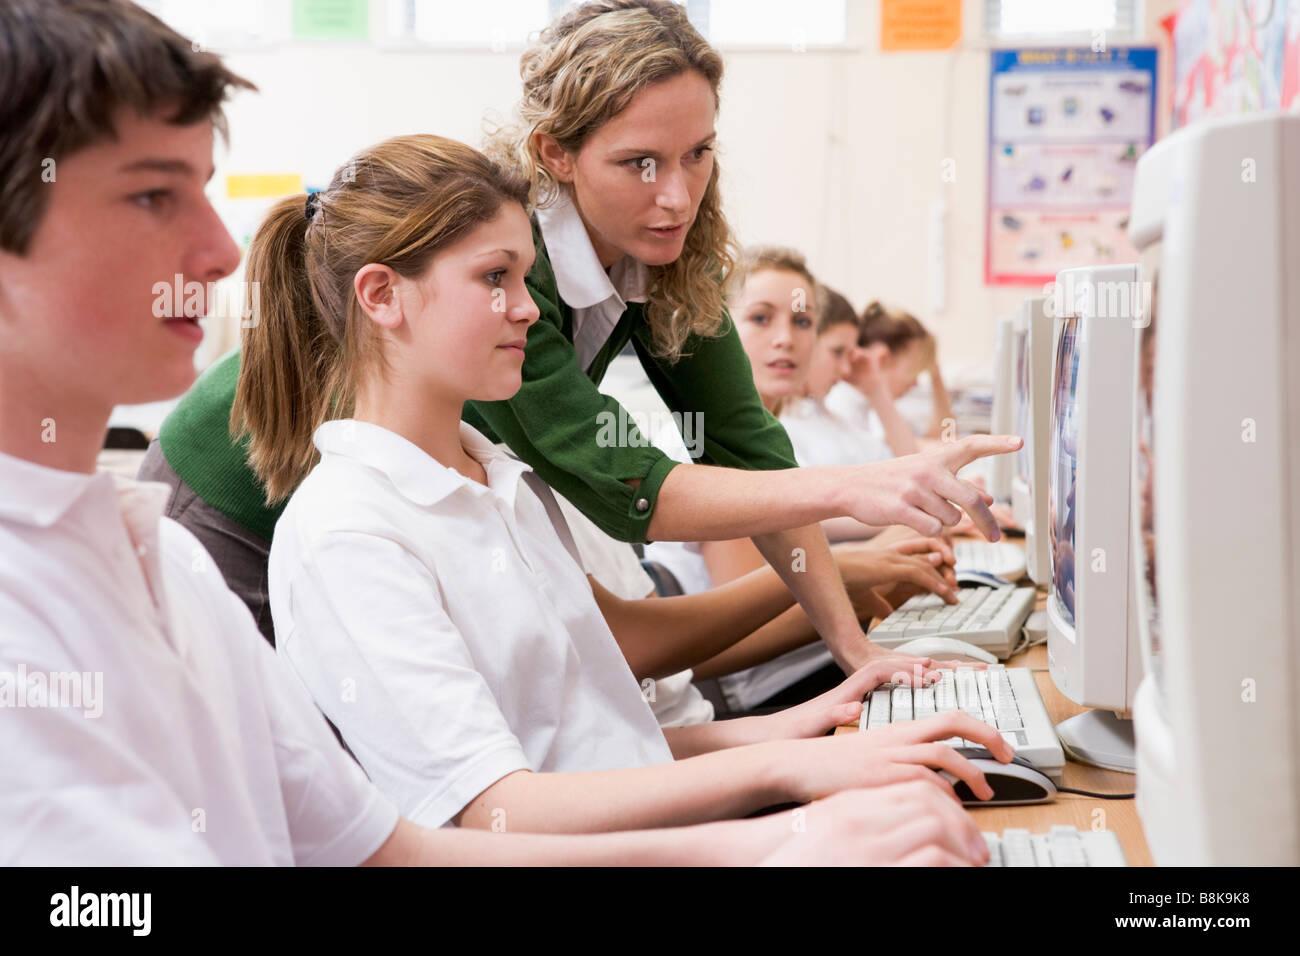 Studenten arbeiten an Computerarbeitsplätzen mit Lehrer Stockfoto